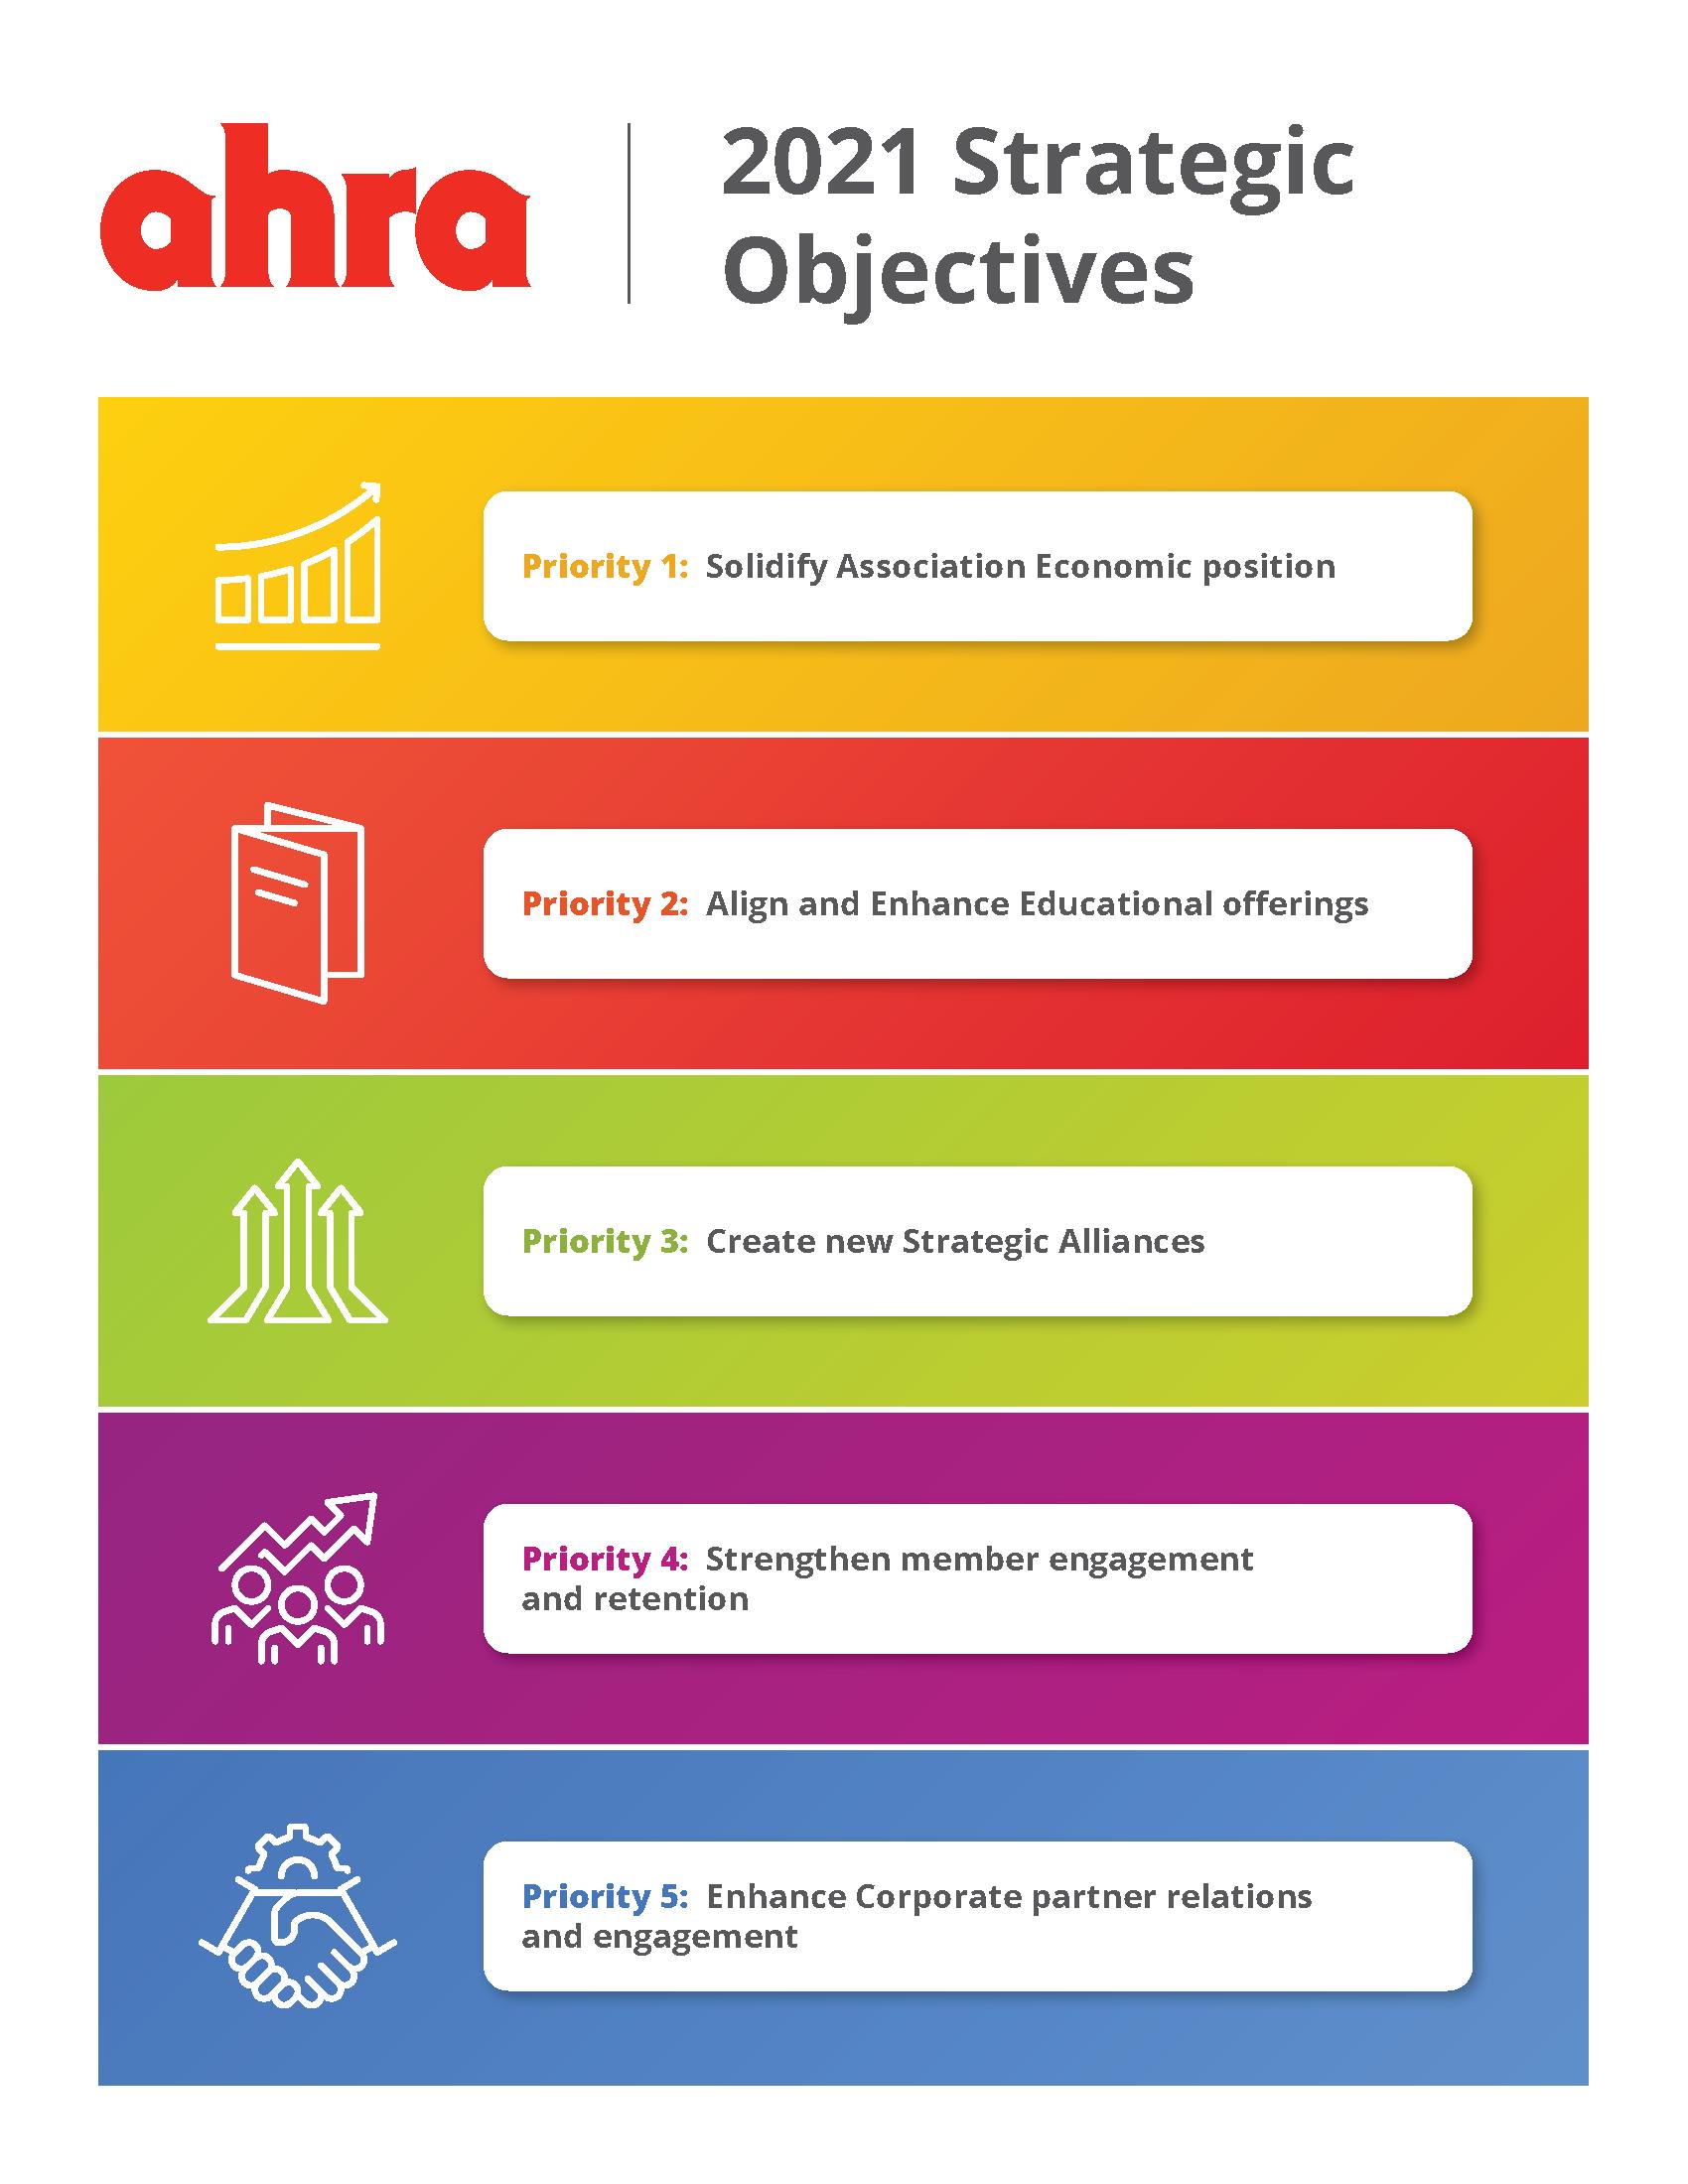 AHRA_2021_Strategic_Objectives